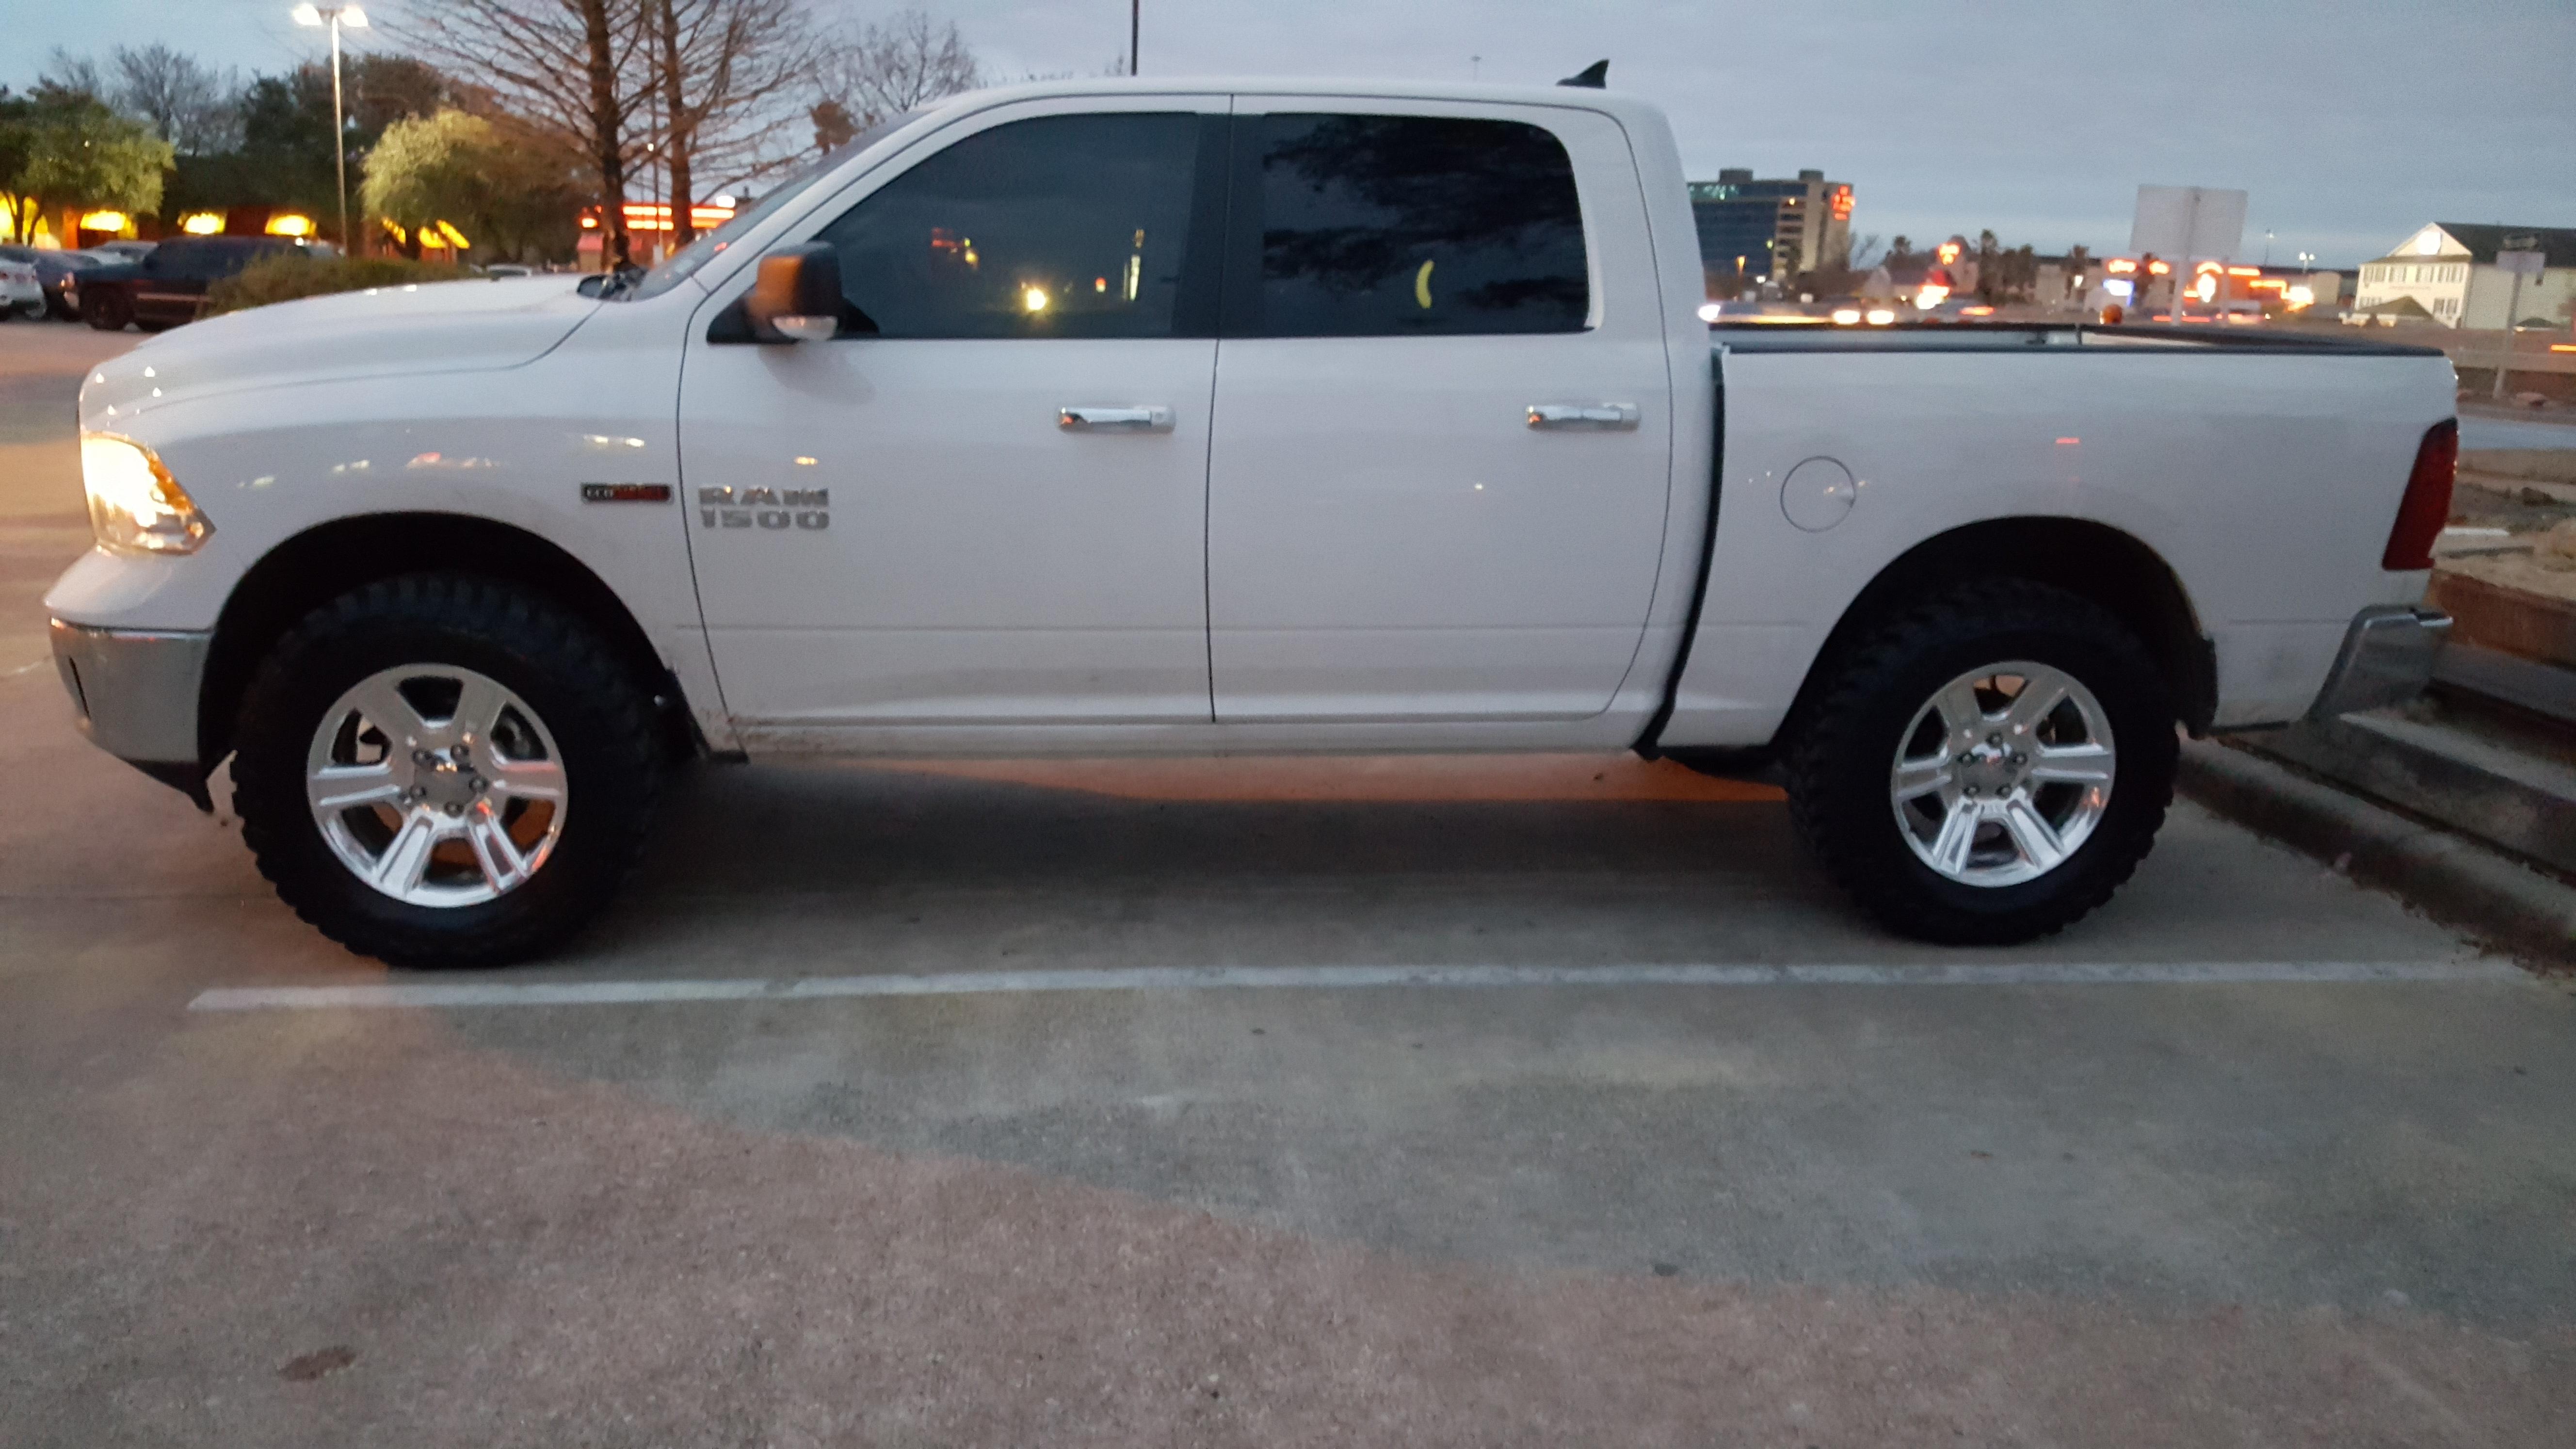 bilstein ram 1500 leveling kit front rear ram1500diesel 4x4